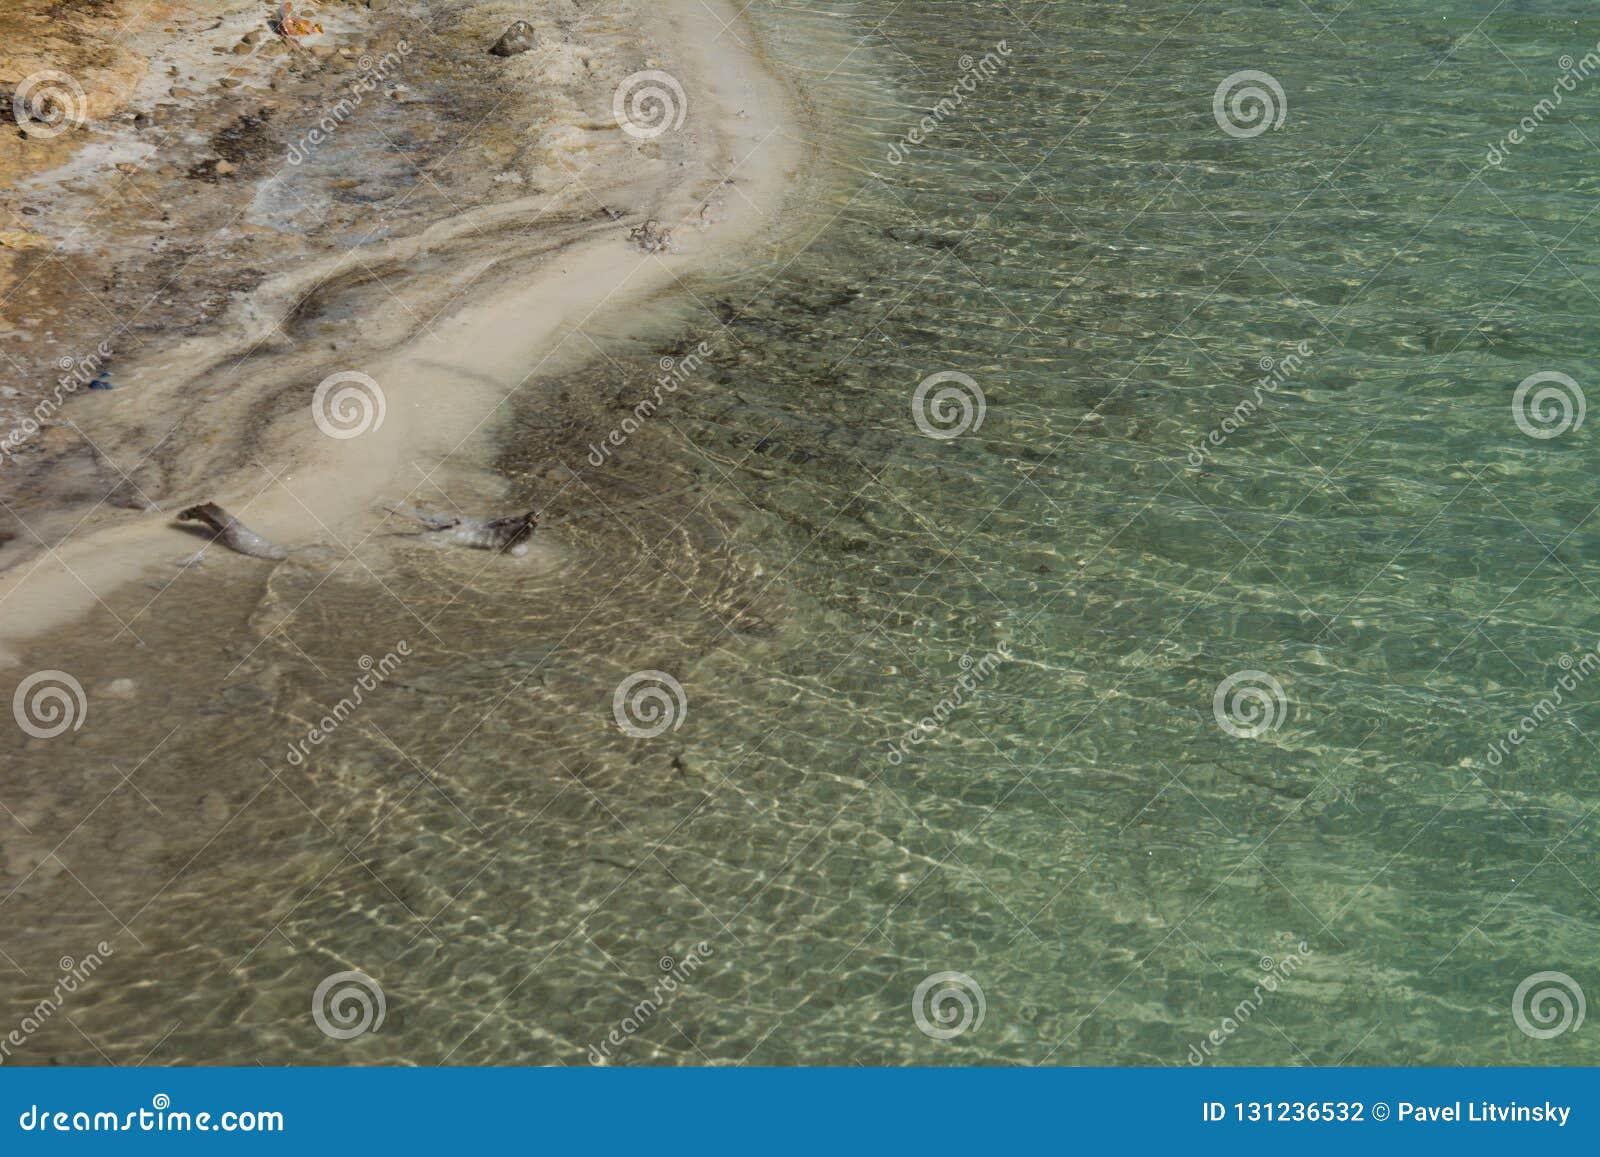 Vista ascendente cercana de los cristales de la sal y de la formación mineral en la orilla del mar muerto en el cuidado de Israel